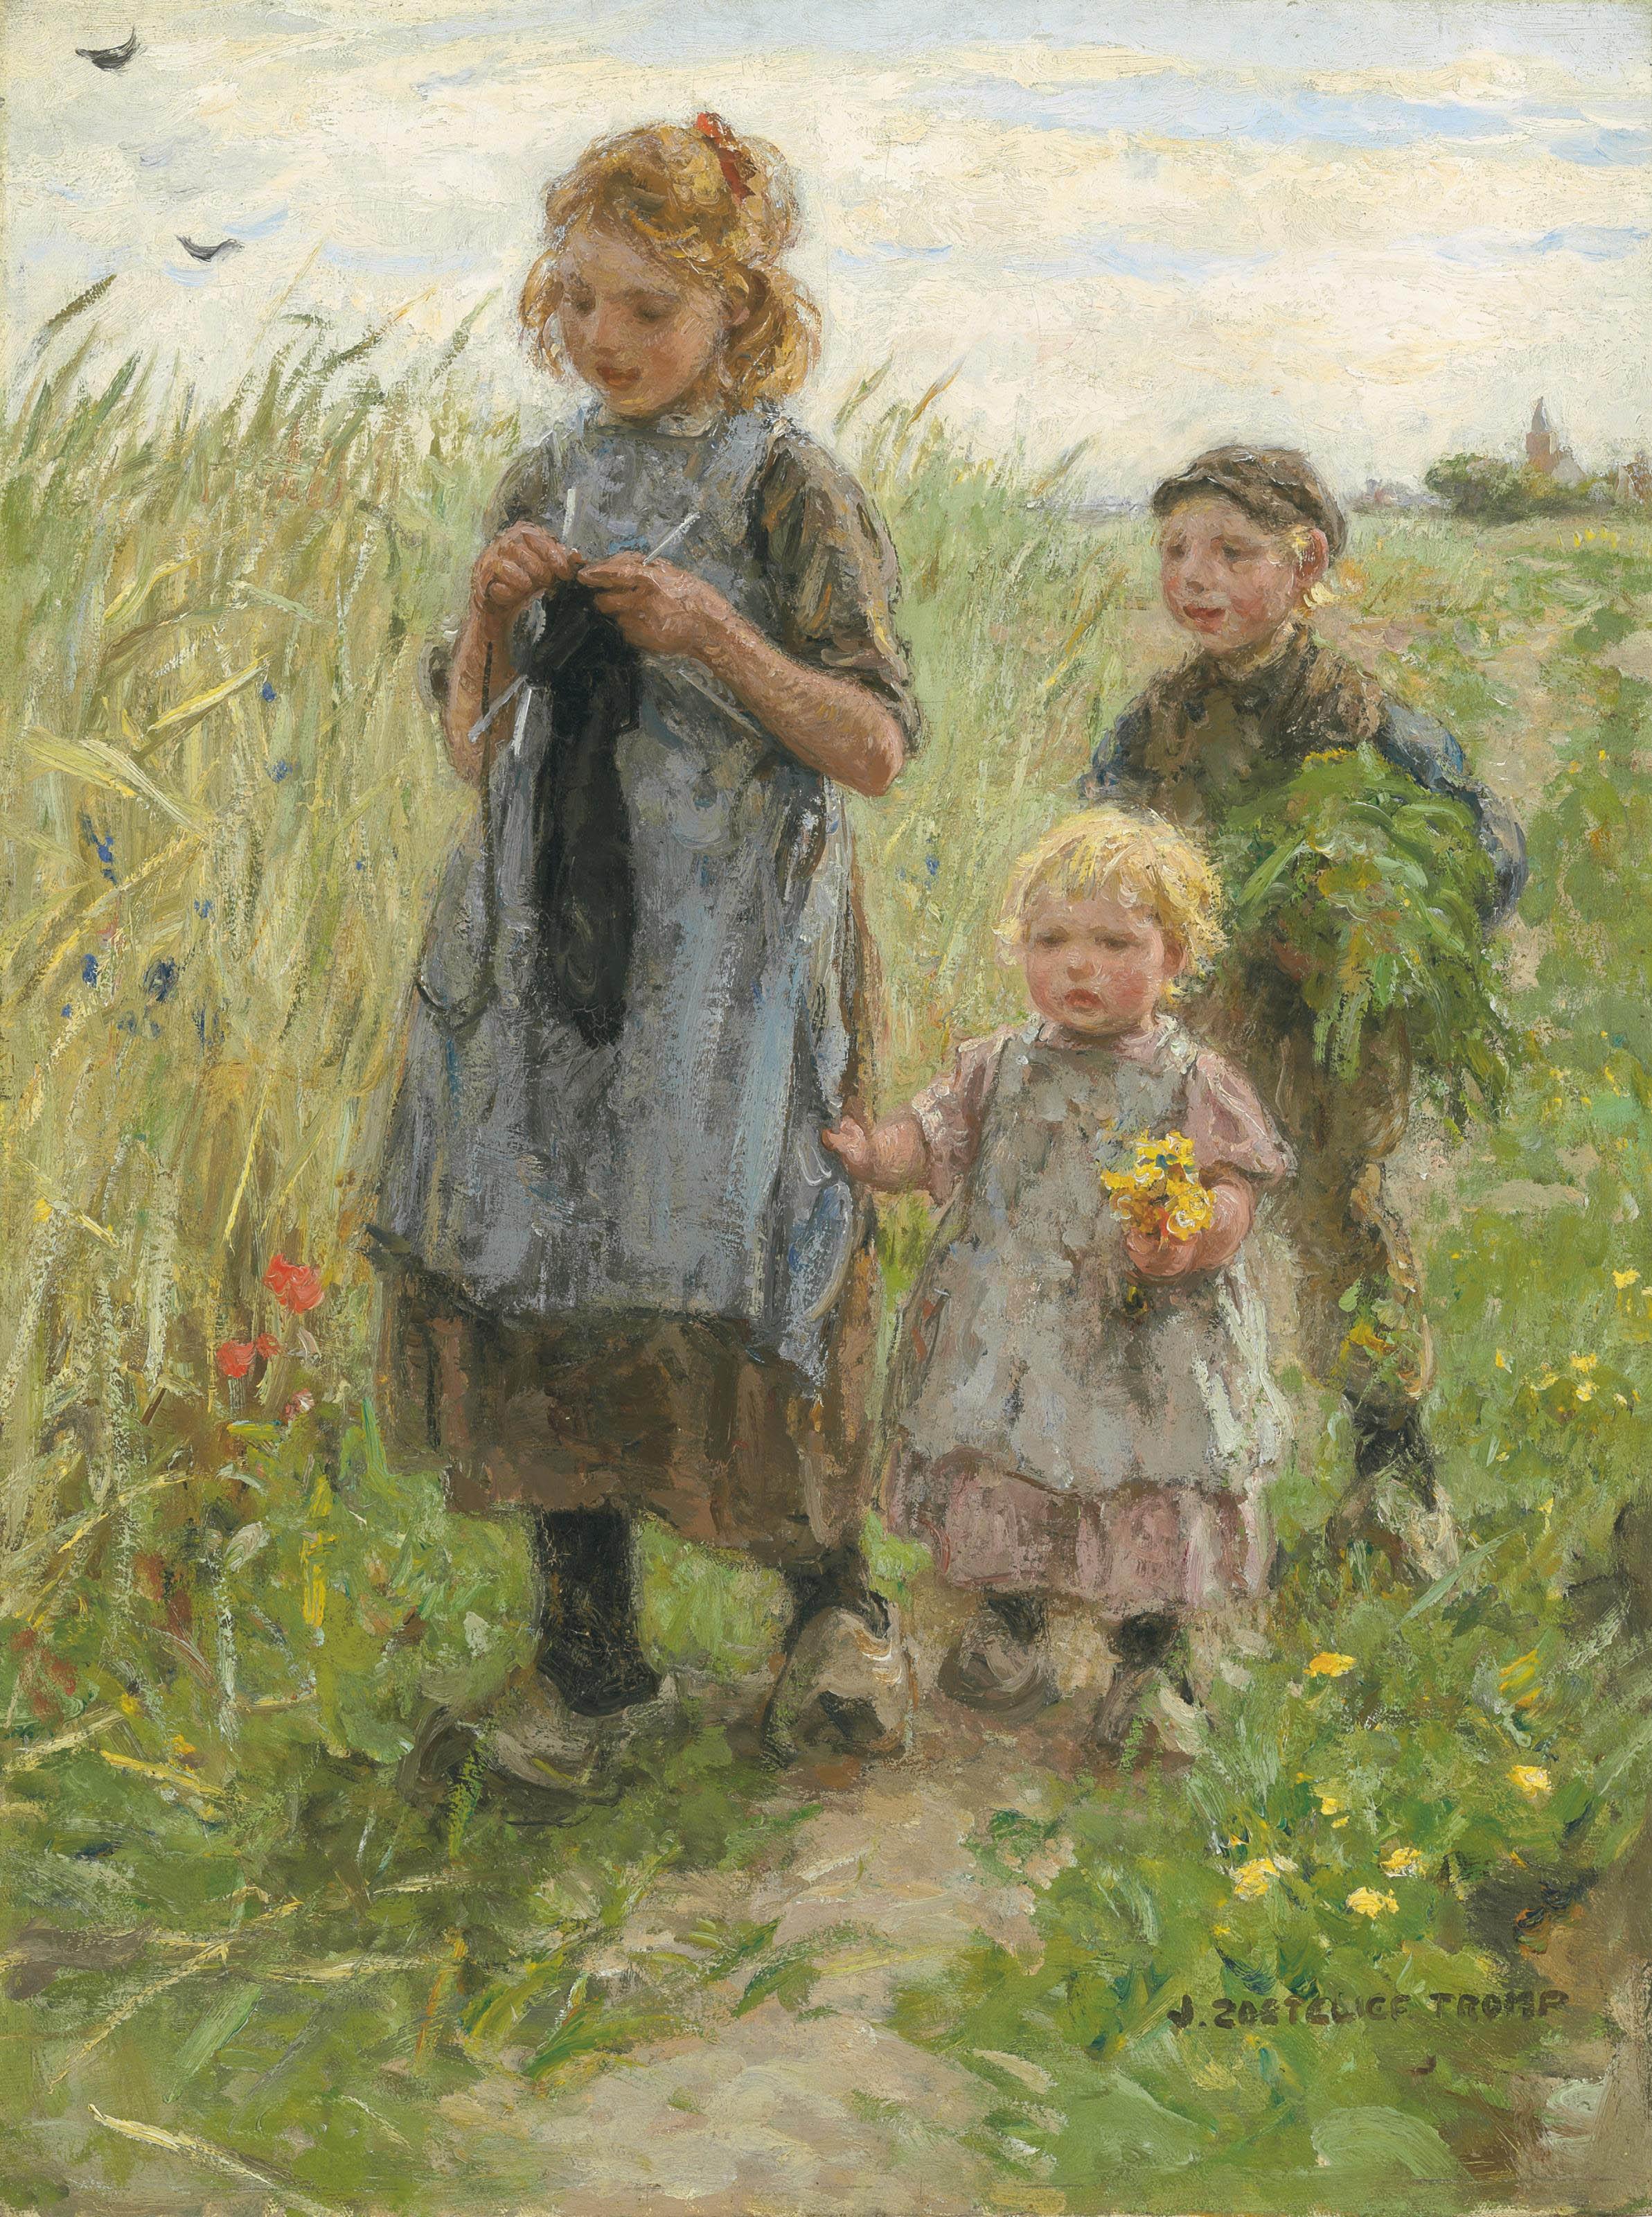 Jan Zoetelief Tromp (Dutch, 1872-1947)